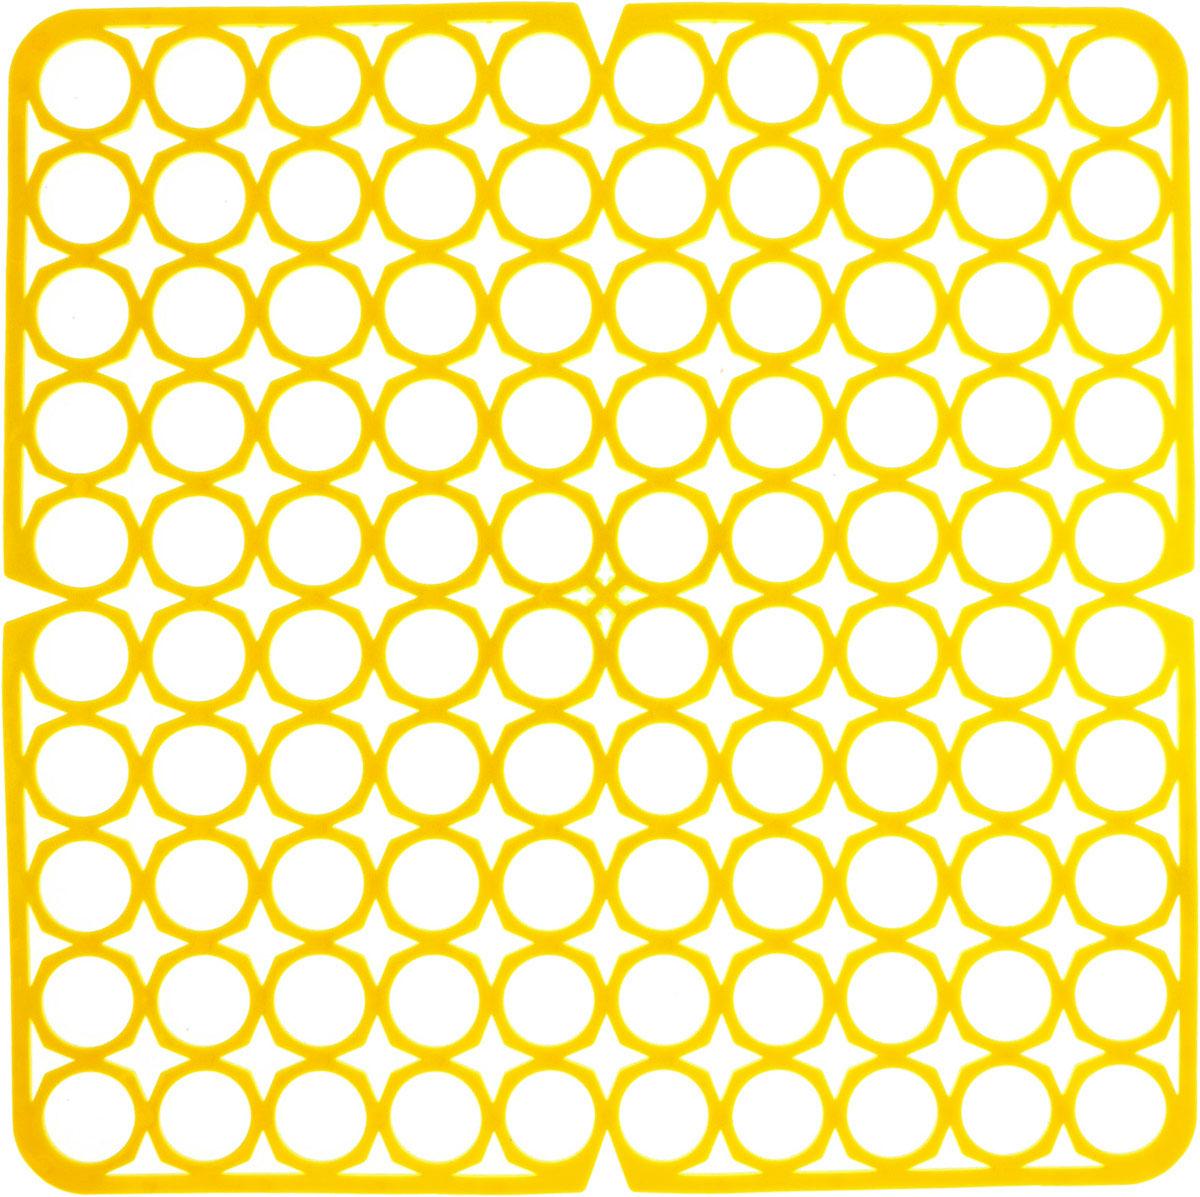 Коврик для раковины York, цвет: желтый, 27,5 х 27,5 см9561/095610_желтыйСтильный и удобный коврик для раковины York изготовлен из сложных полимеров. Он одновременно выполняет несколько функций: украшает, защищает мойку от царапин и сколов, смягчает удары при падении посуды в мойку. Коврик также можно использовать для сушки посуды, фруктов и овощей. Он легко очищается от грязи и жира.